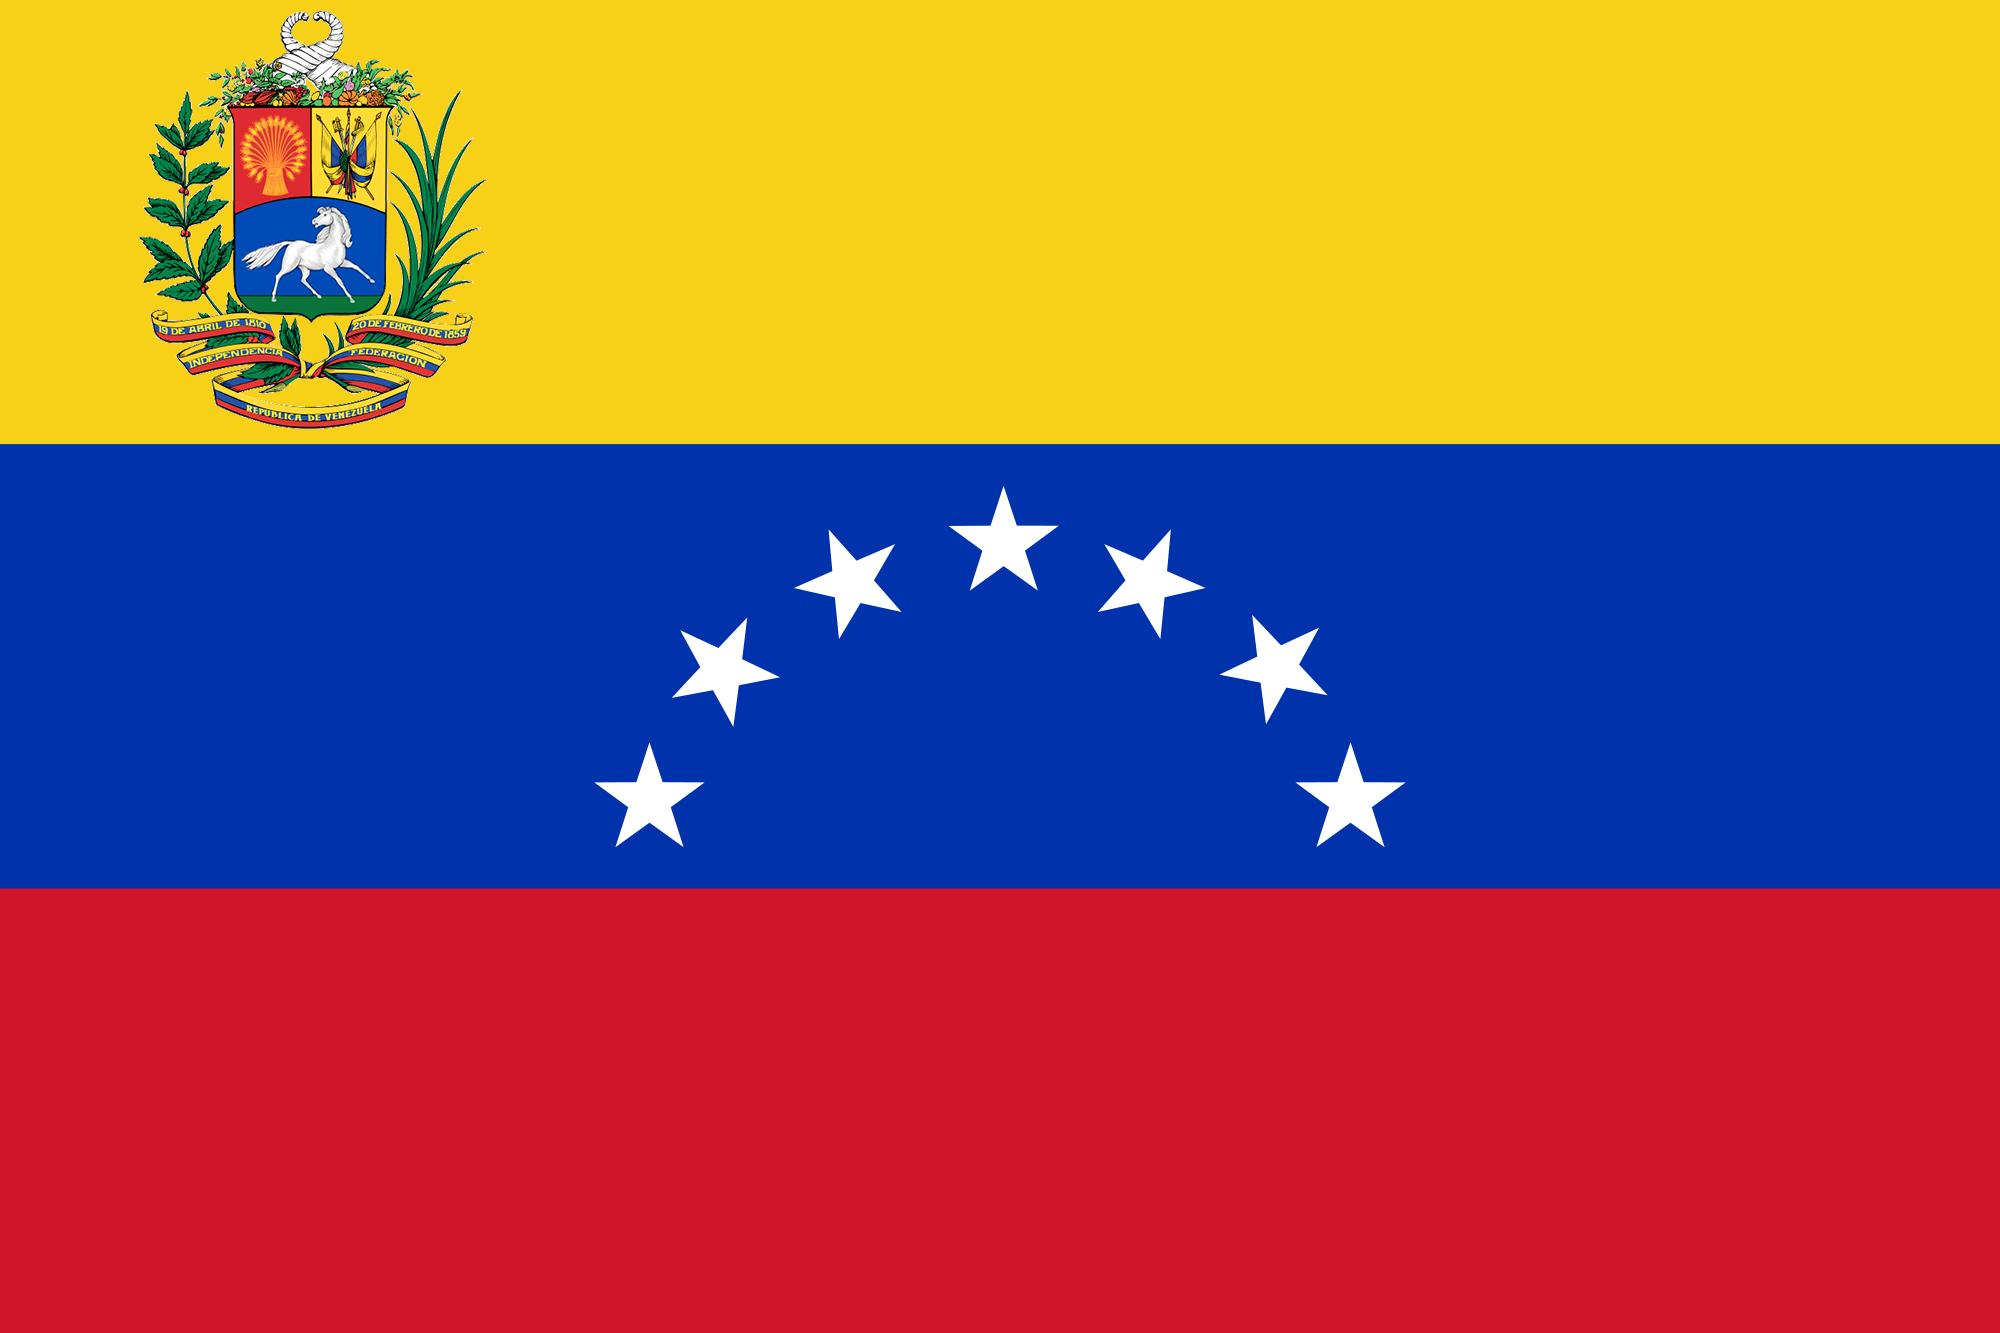 Bandera de Venezuela - Wikiwand